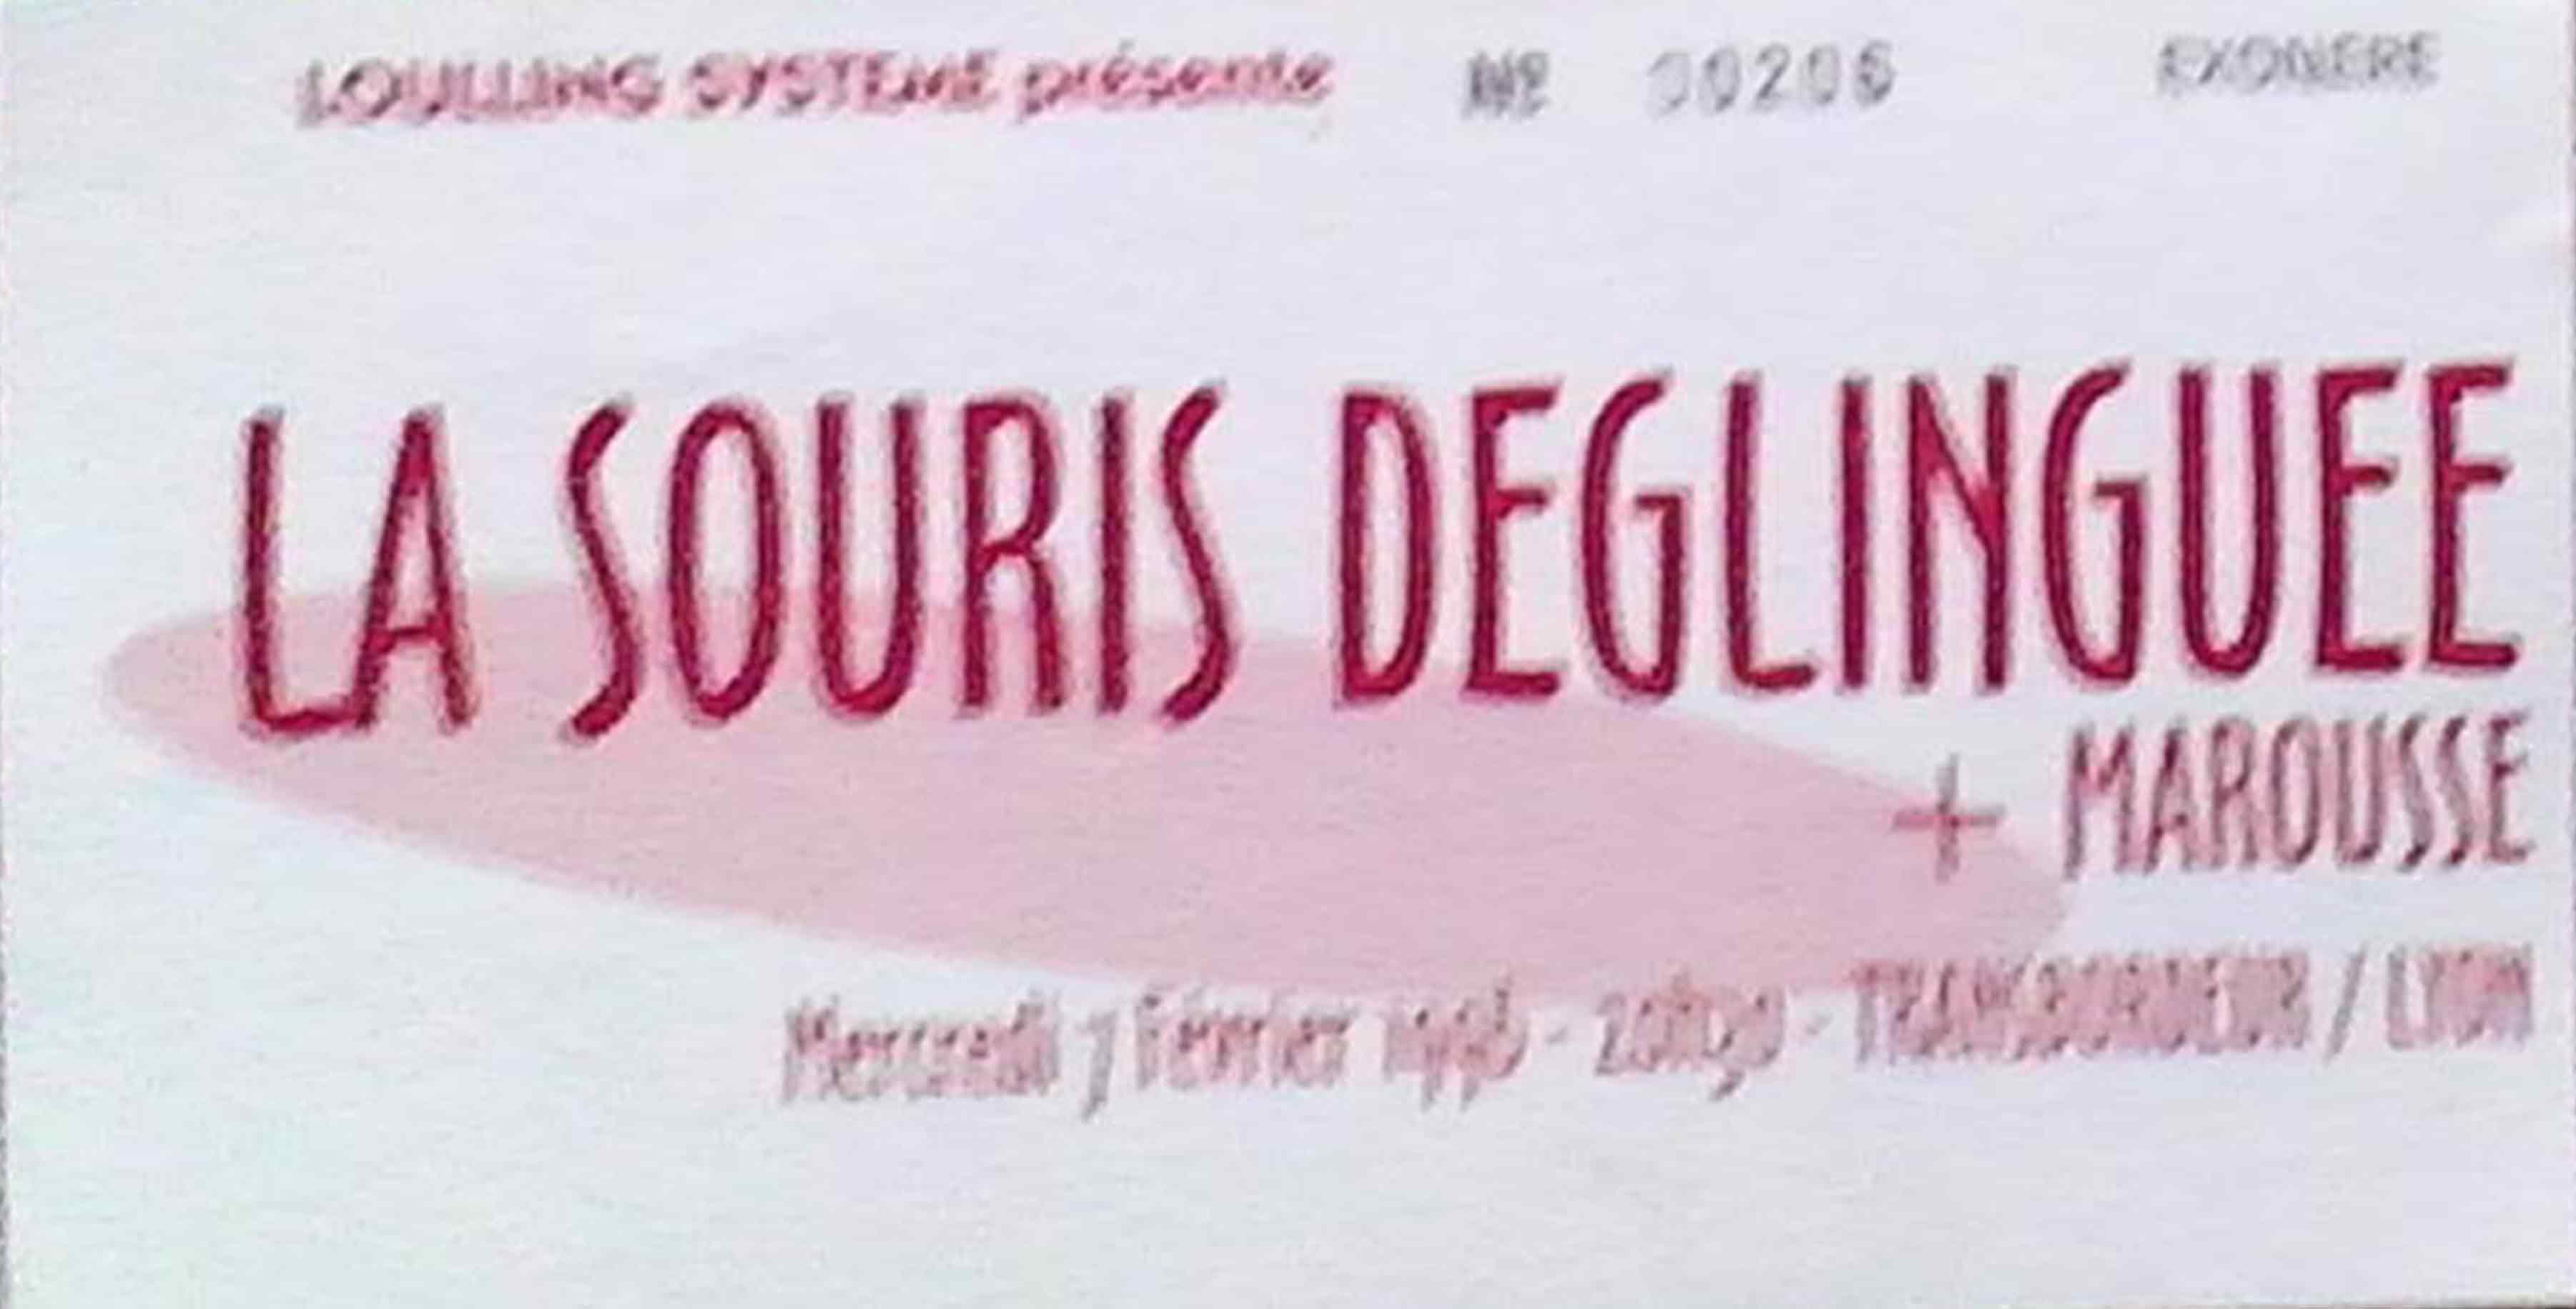 """7 février 1996 La Souris Déglinguée, Marousse à Villeurbanne """"Transbordeur"""""""